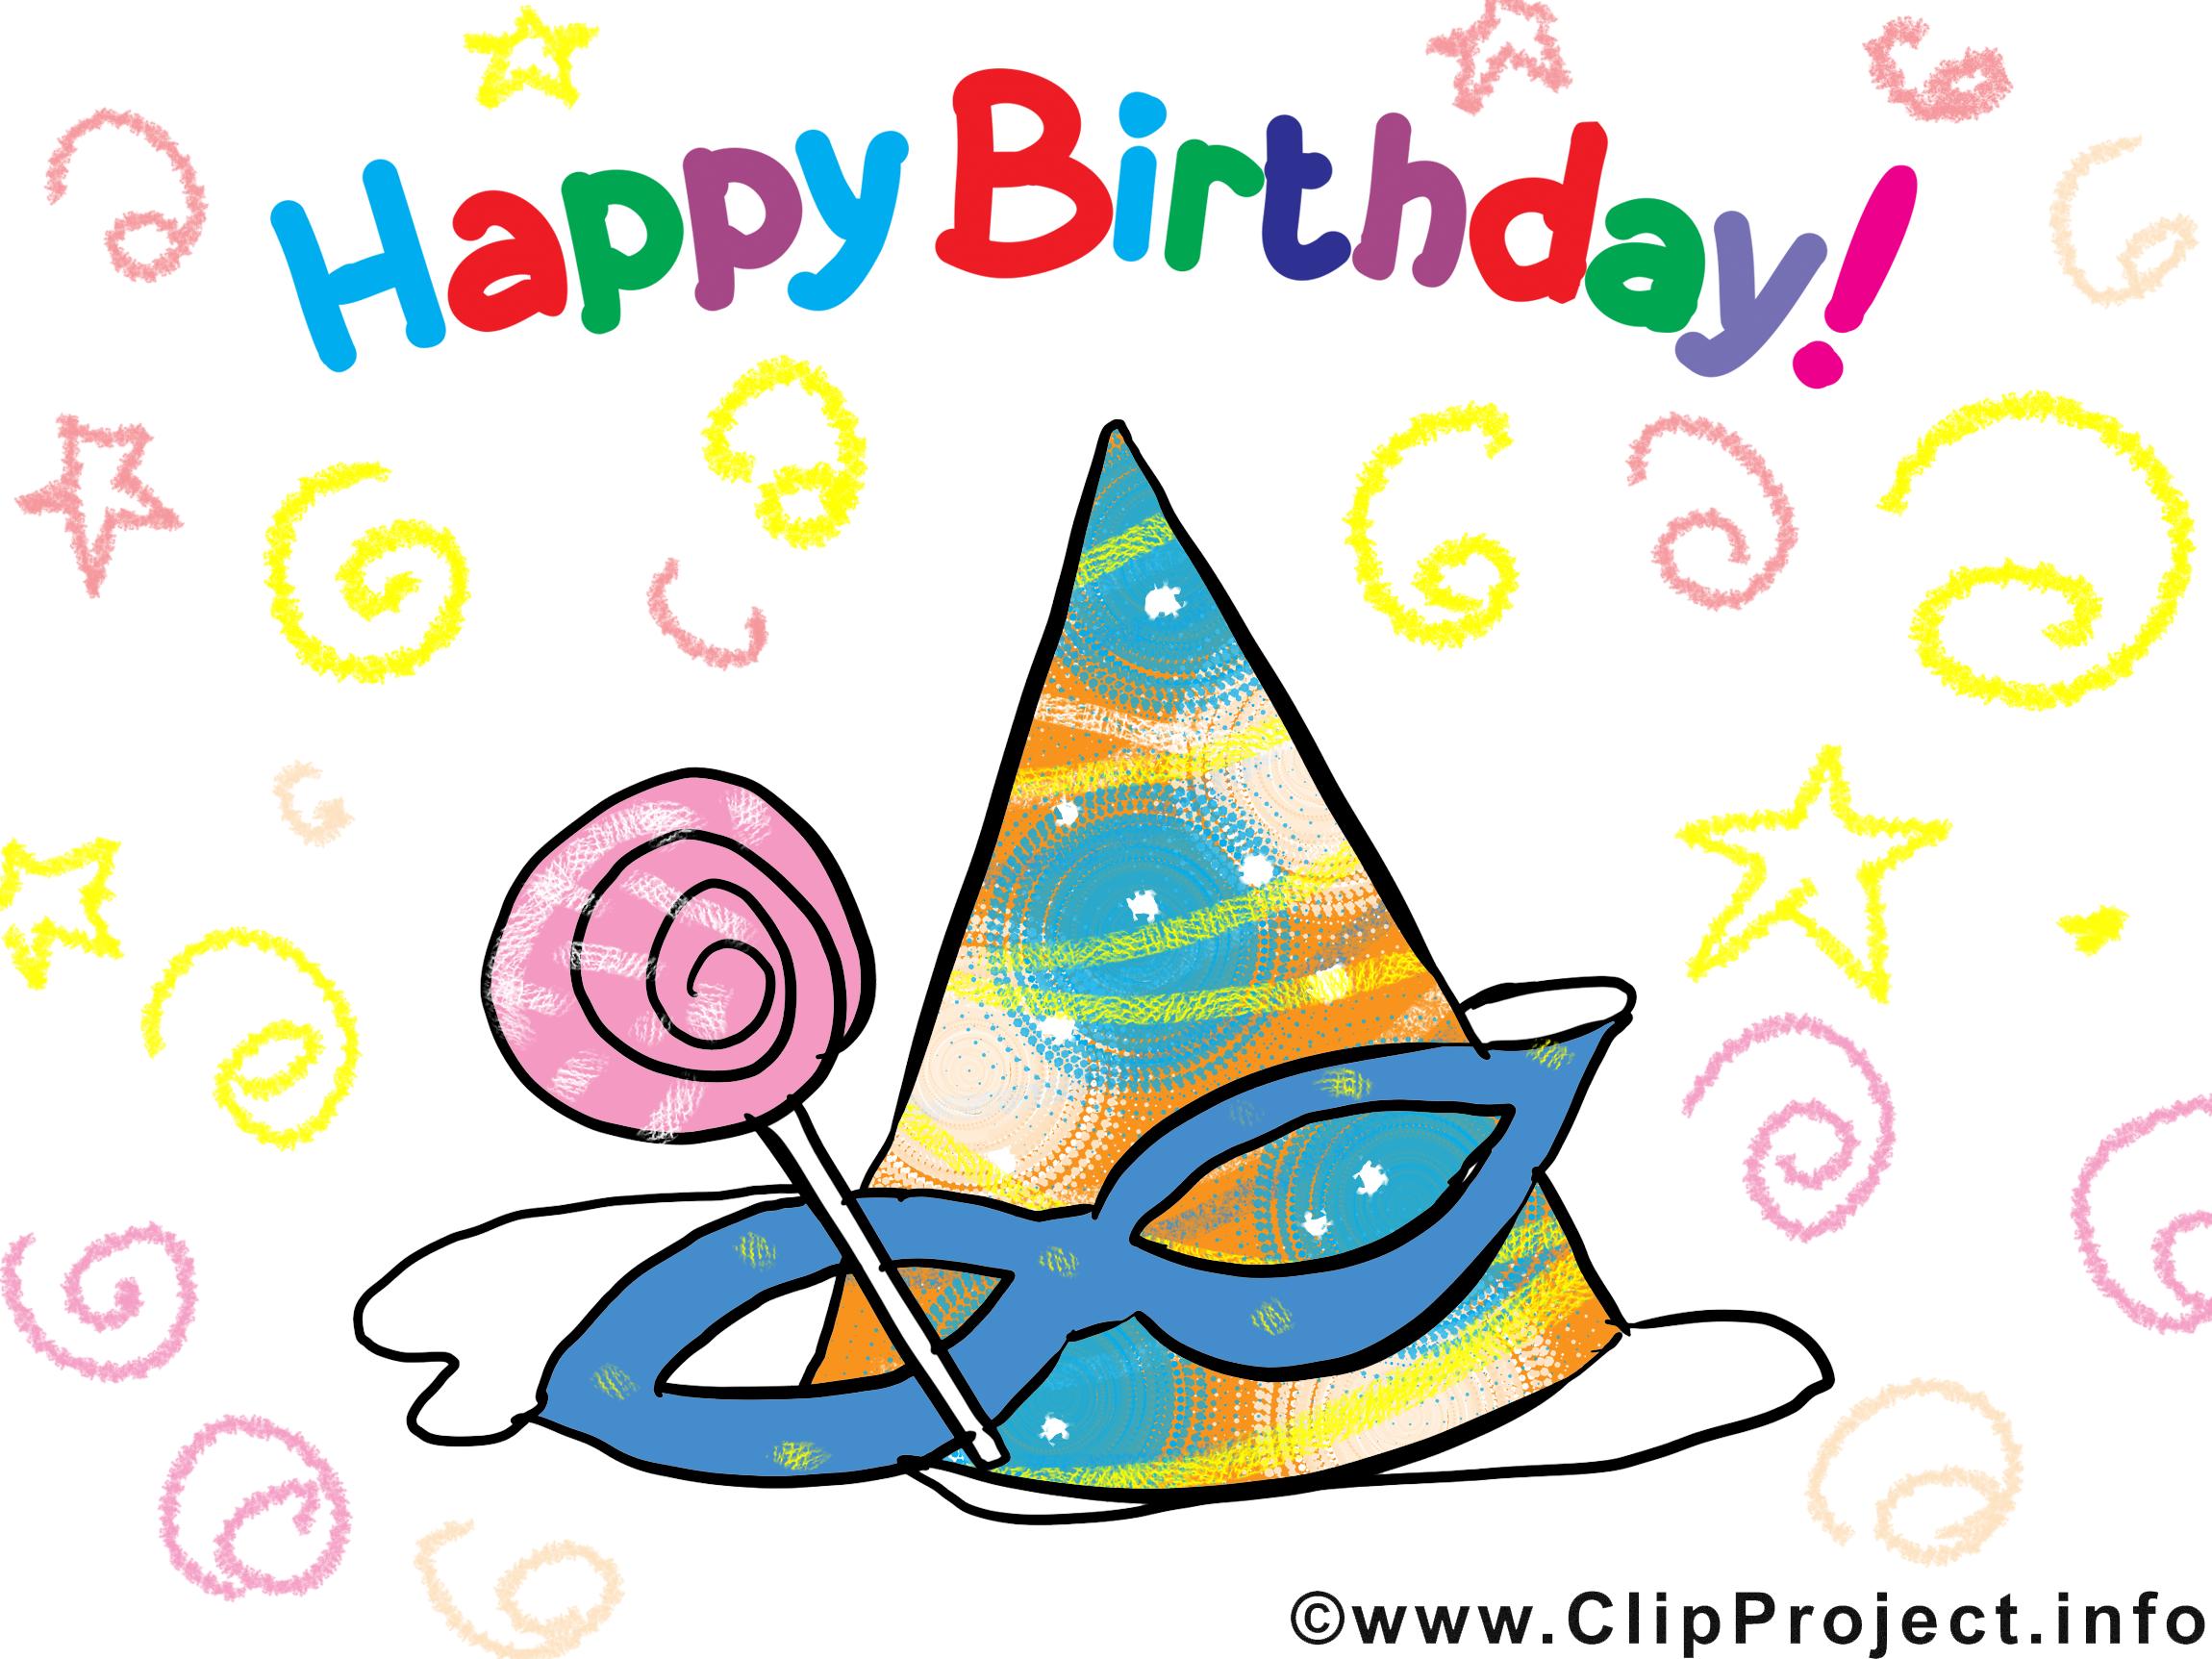 Joyeux Anniversaire Image A Telecharger Clipart Cartes Virtuelles Anniversaire Dessin Picture Image Graphic Clip Art Telecharger Gratuit